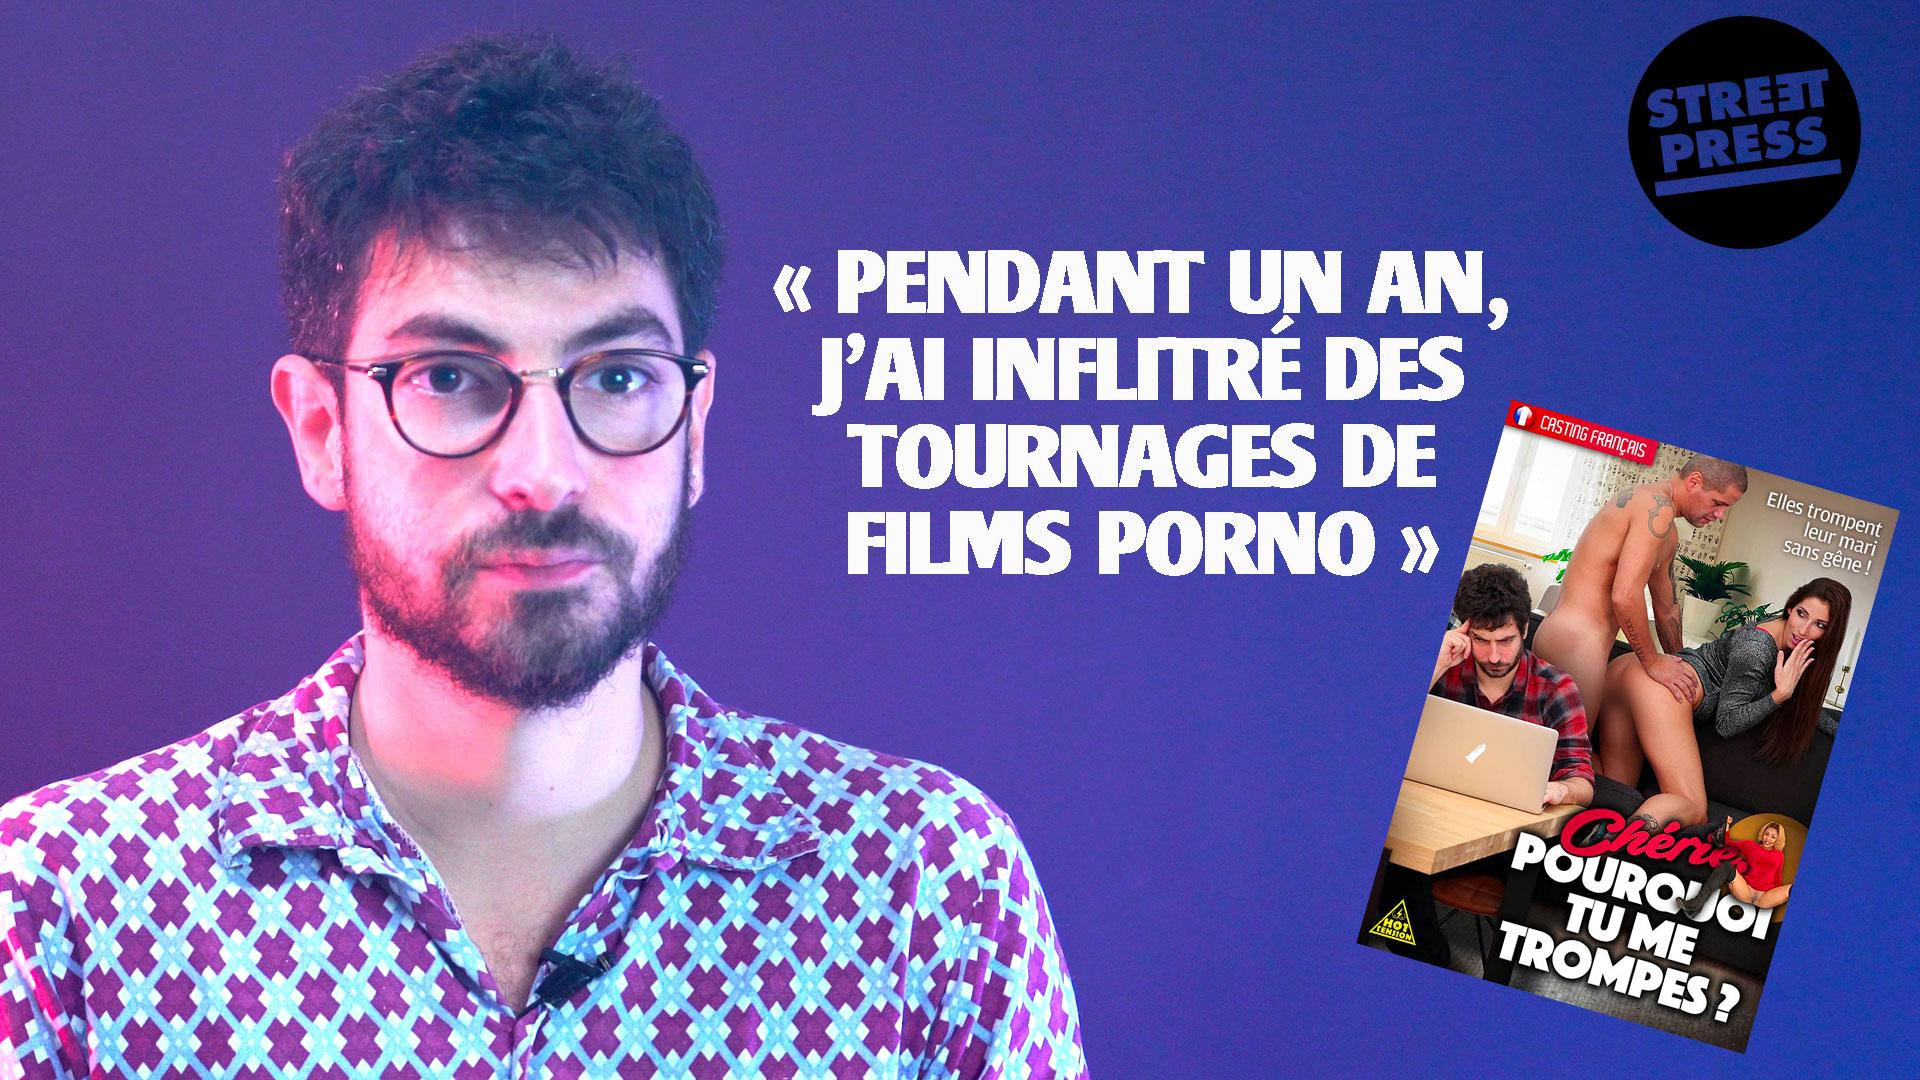 « Pendant un an, j'ai infiltré des tournages de films porno. »